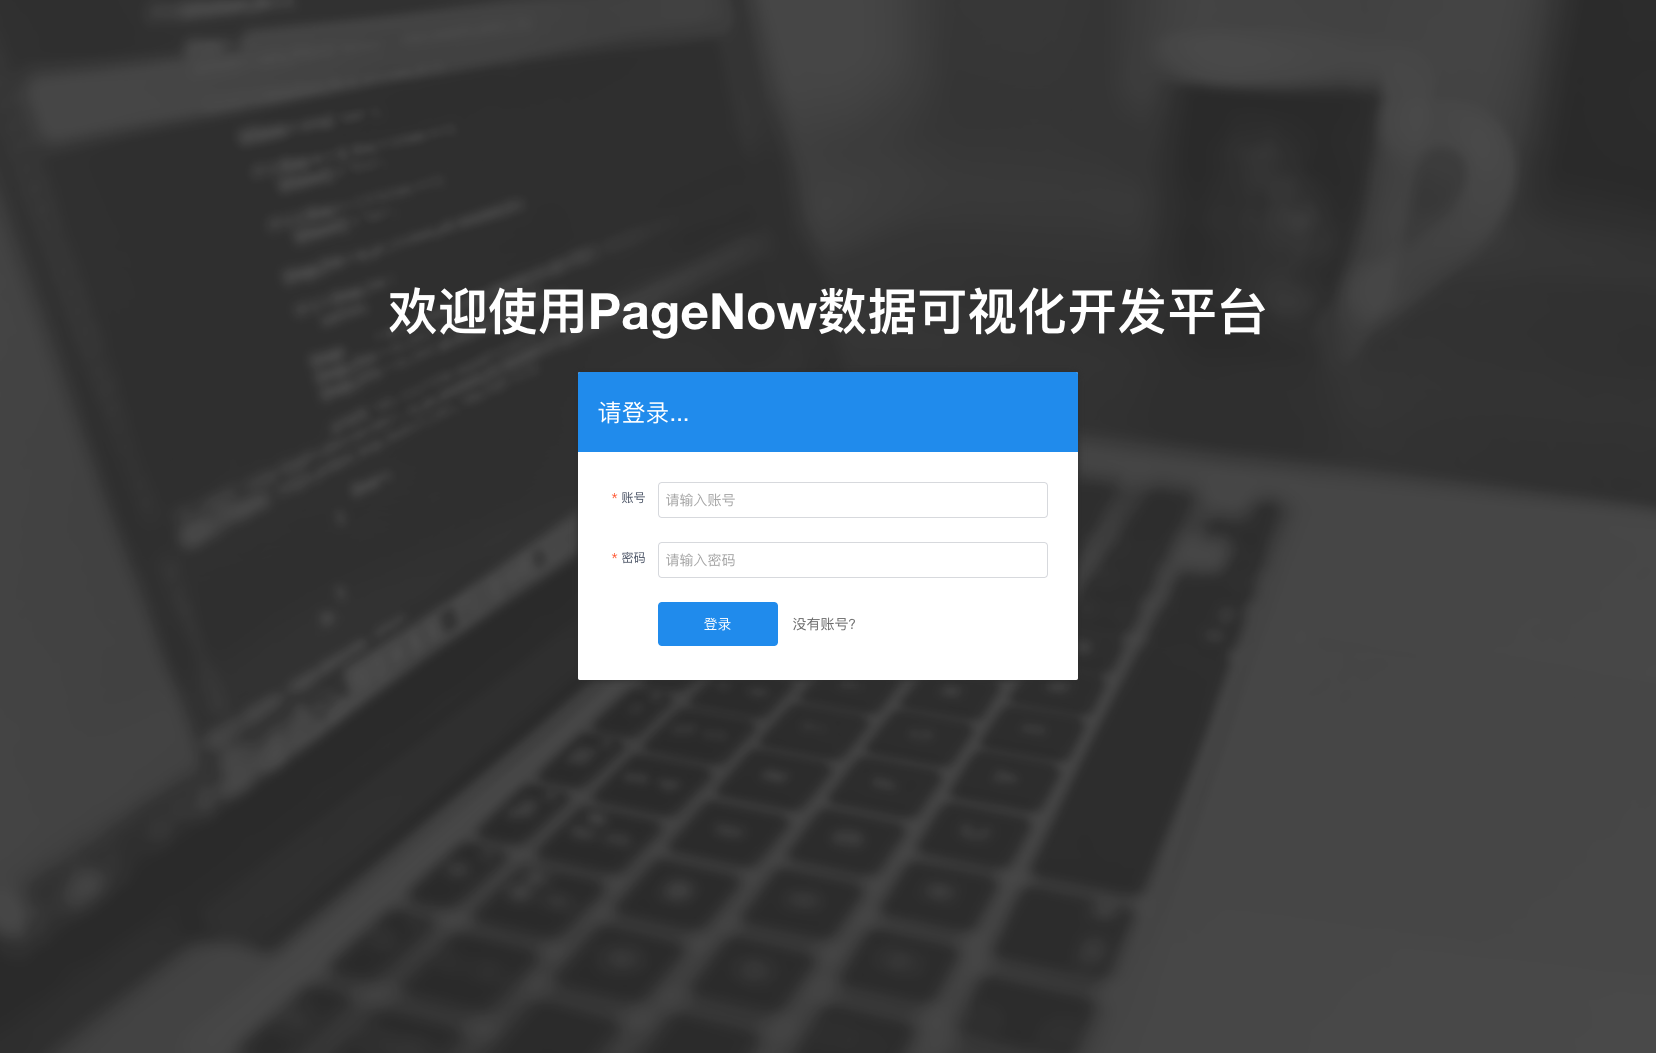 大数据可视化开发平台 PageNow